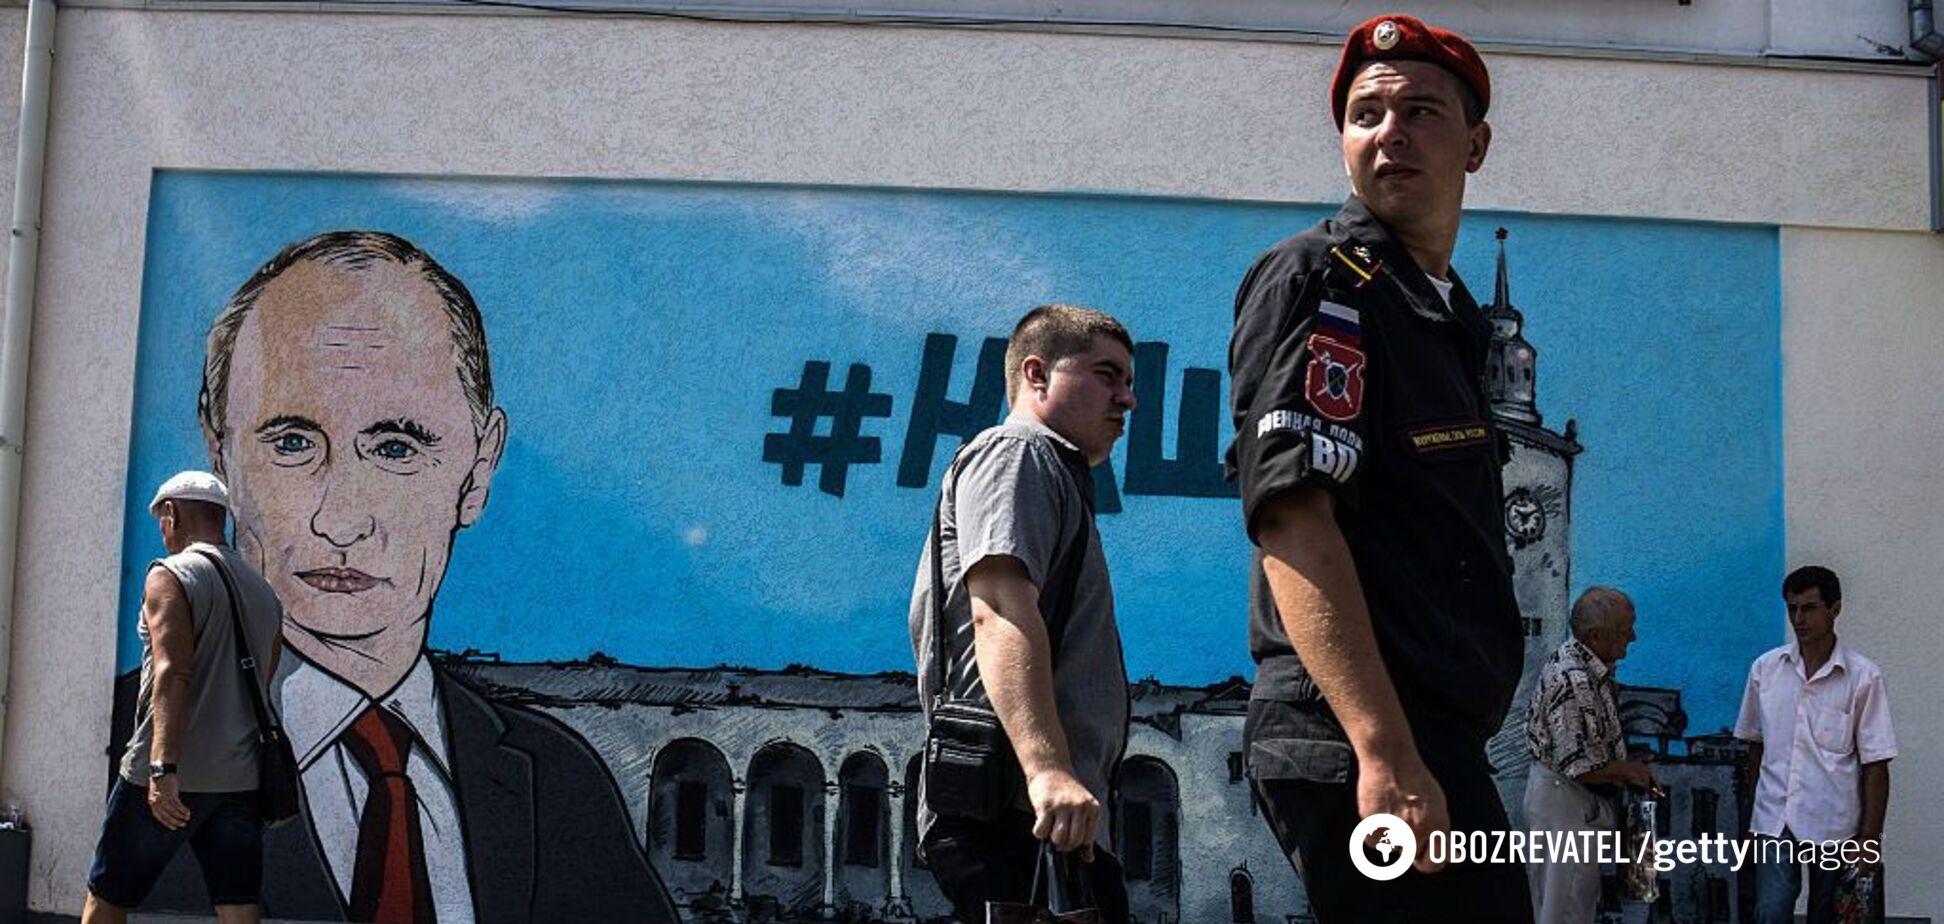 ЄС ввів нові санкції за Крим: озвучено 'чорний список'. Прізвища